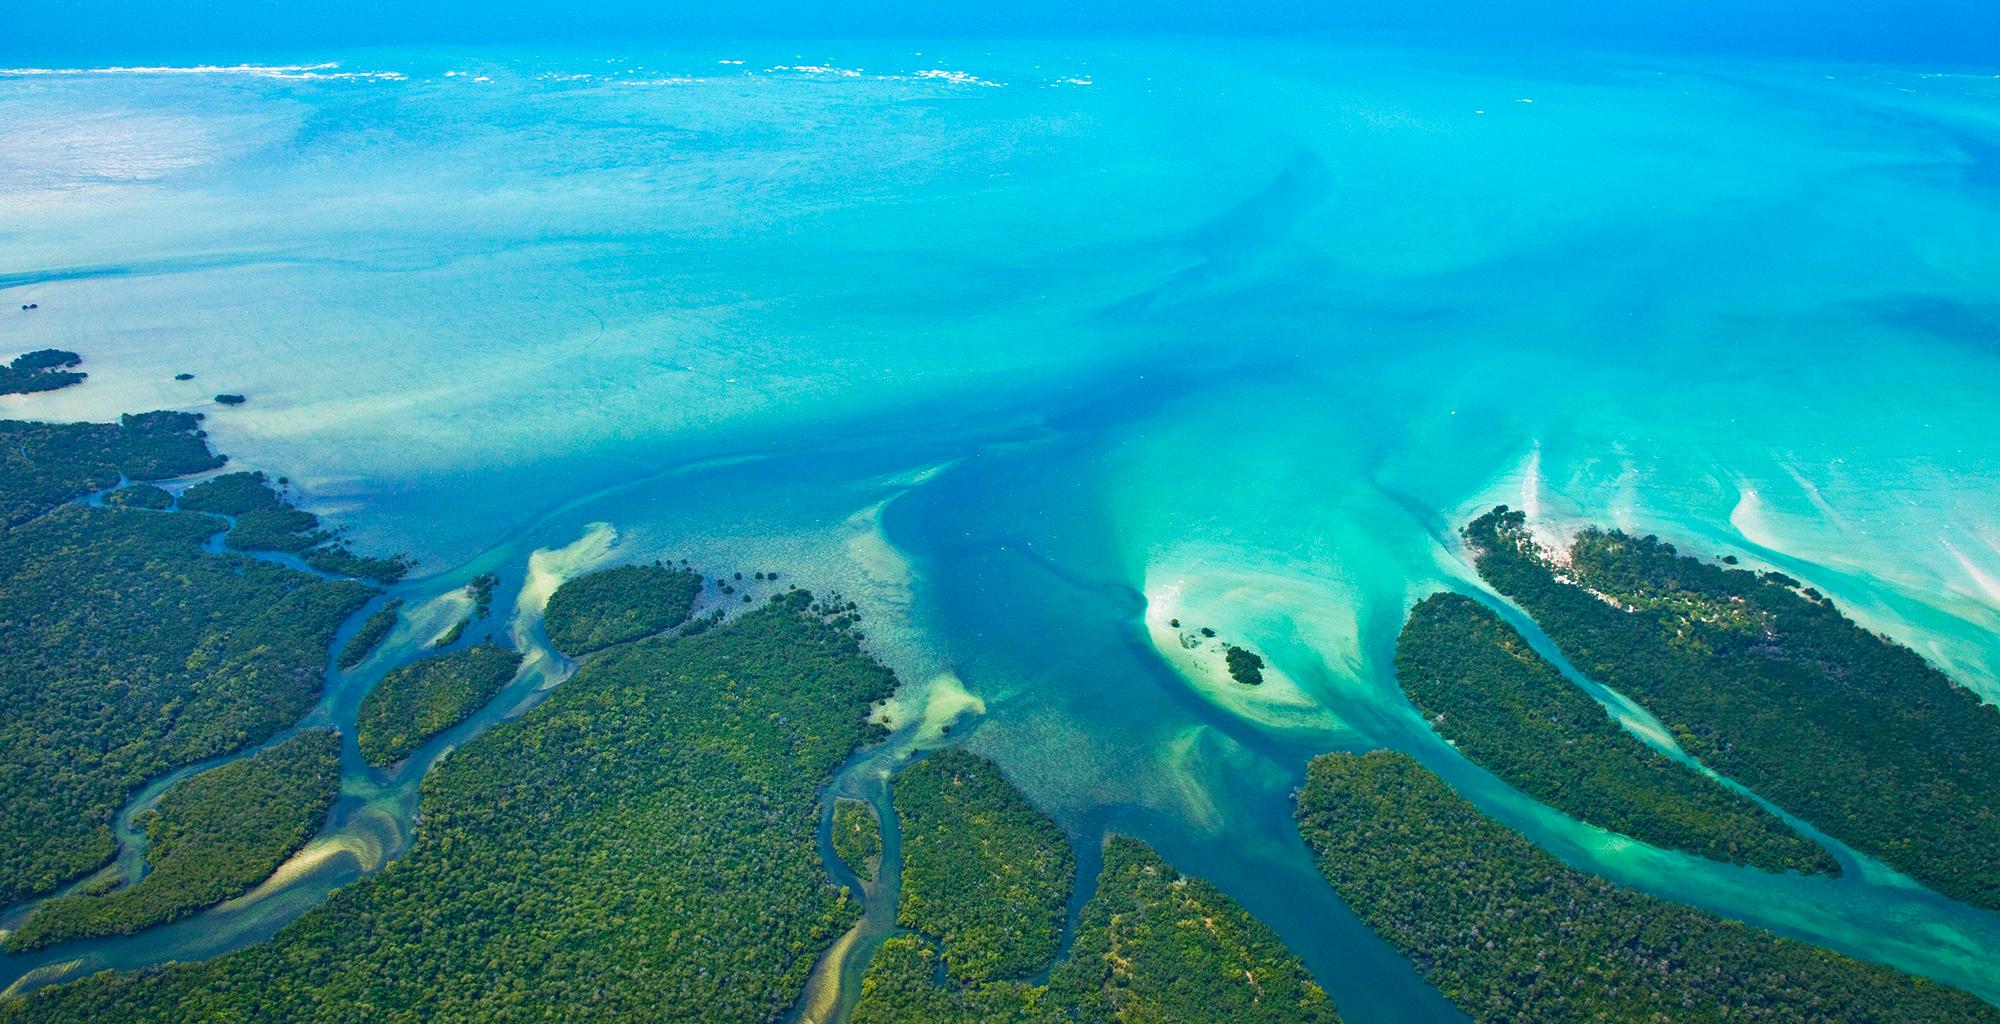 Mozambique-Quirimbas-Archipelago-Aerial